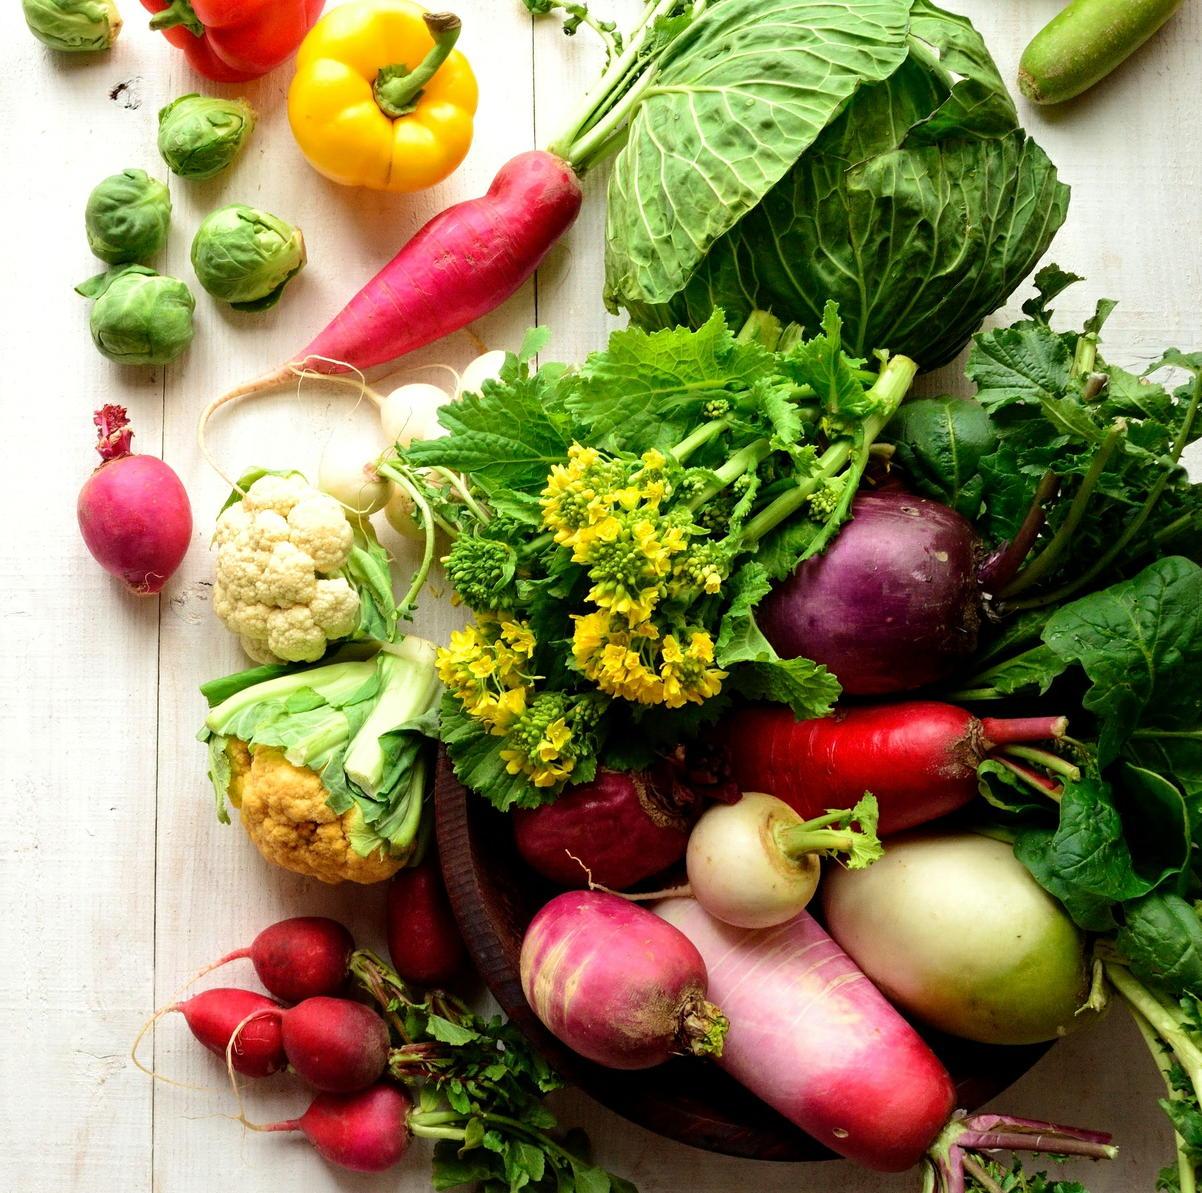 植物性食品ベースの食事療法で2倍の減量に成功 筋肉脂肪を減らす効果も